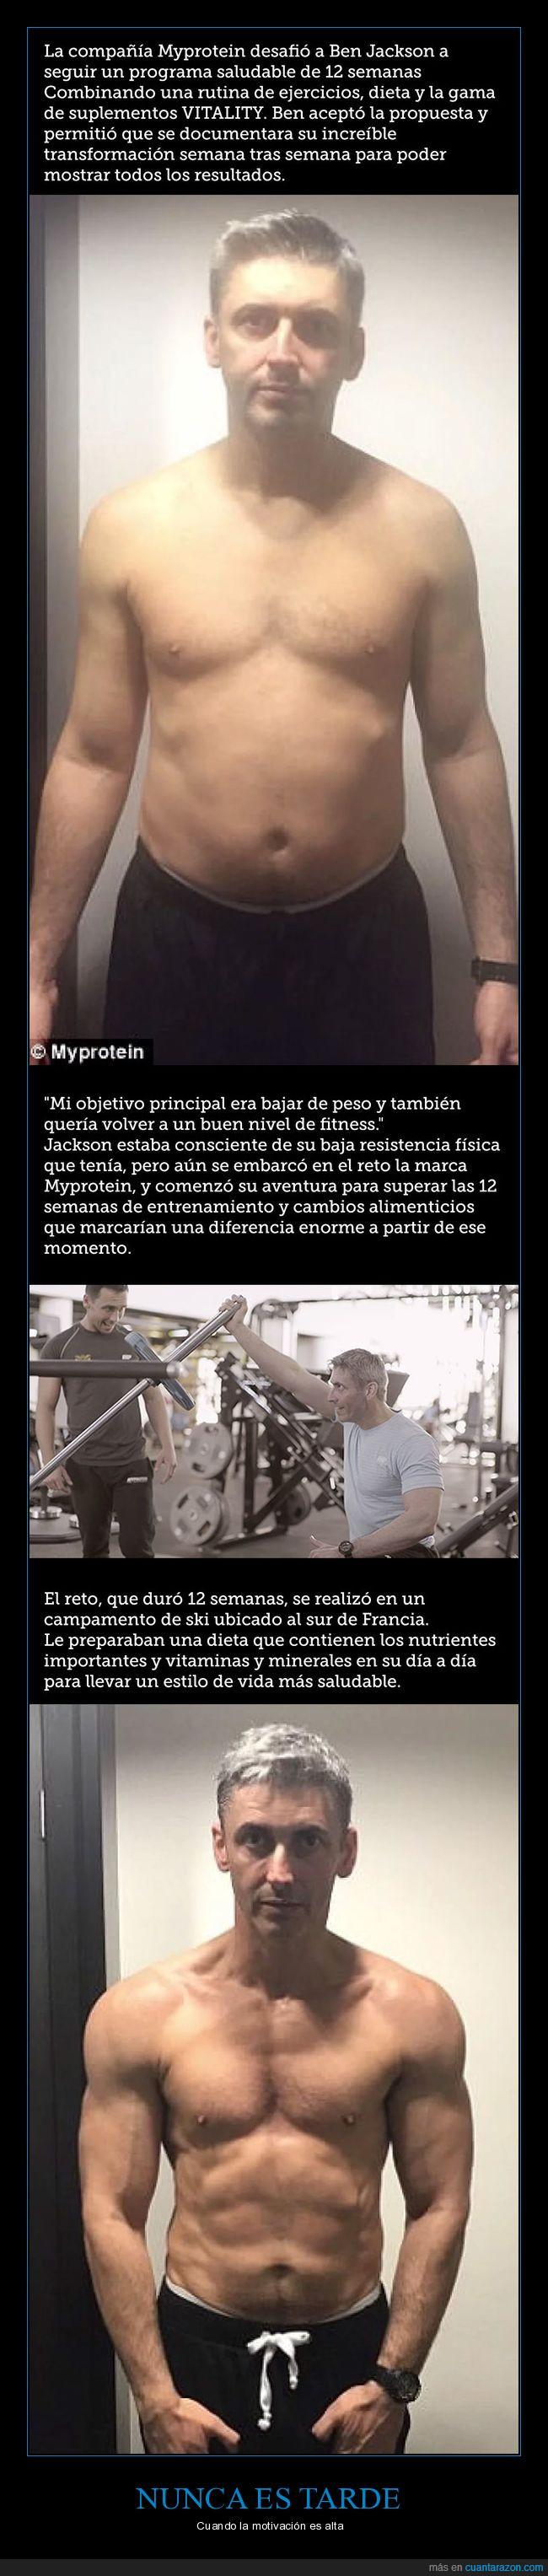 40 años,cambio,cuerpo,físico